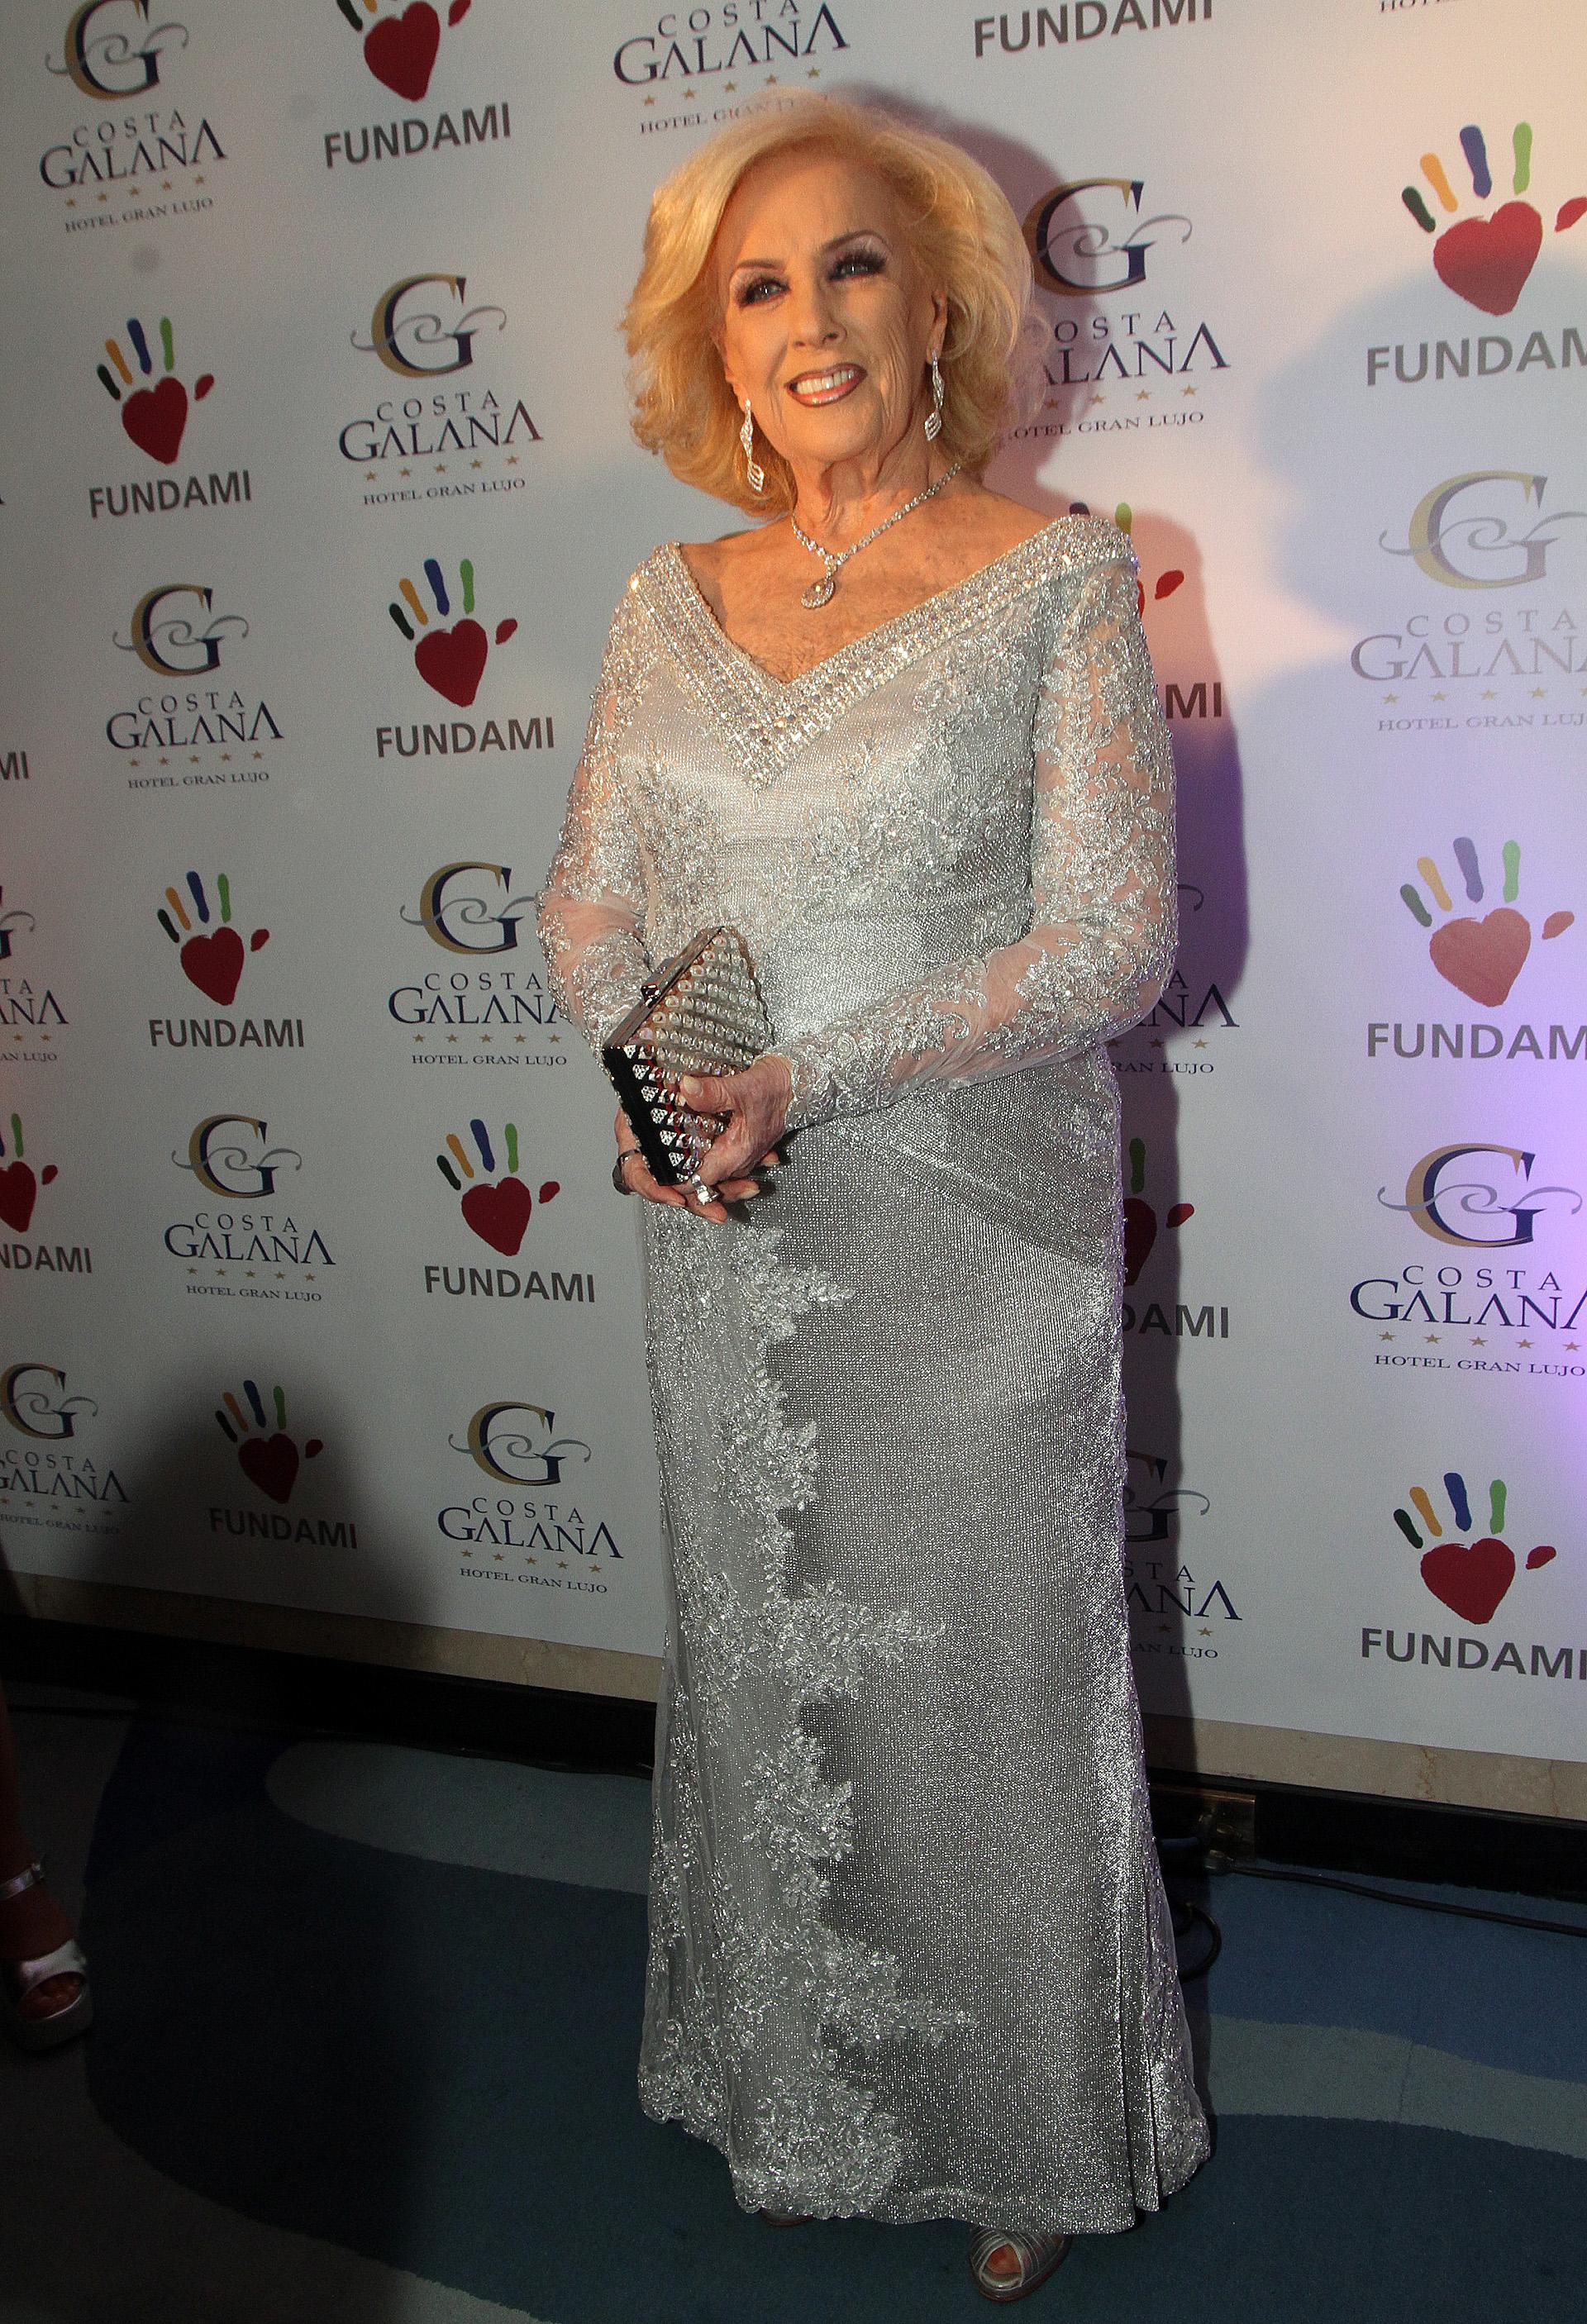 Mirtha Legrand fue la anfitriona en la gala solidaria que se realizó para FUNDAMI en el hotel Costa Galada